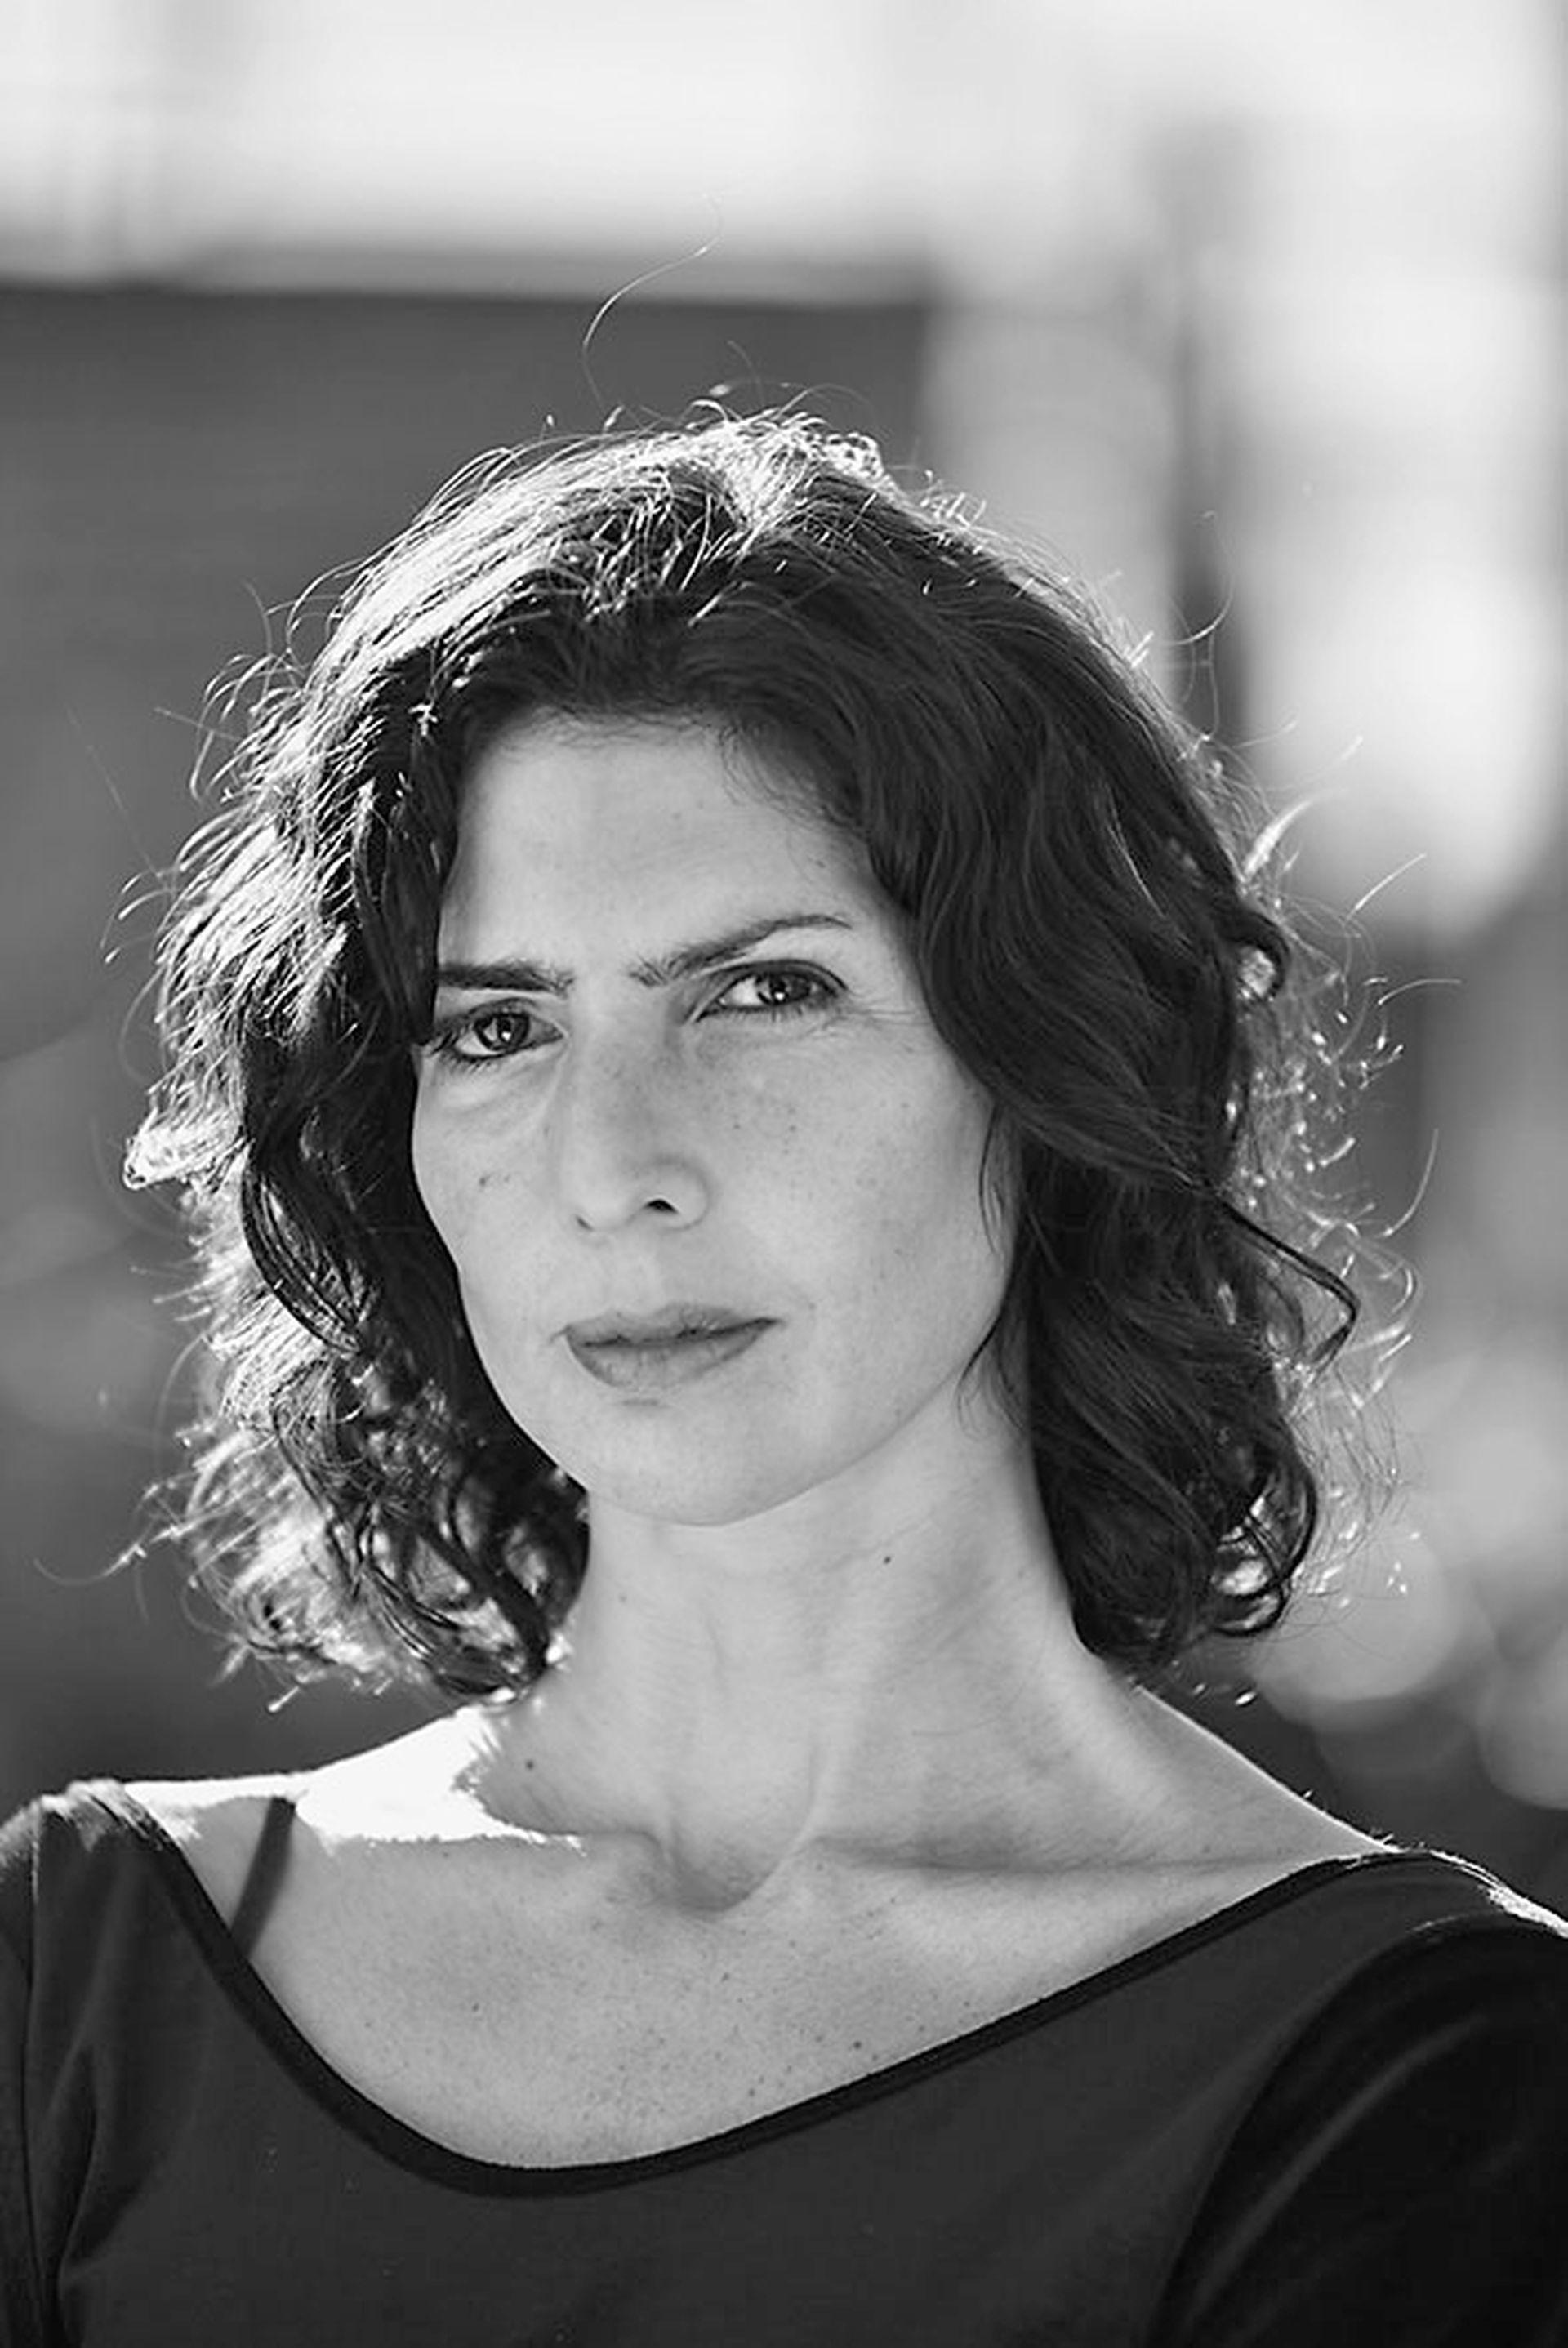 Josefina Licitra, autora de 38 estrellas, descubrió la historia de la fuga en 2011, cuando Lucía Topolansky la mencionó al pasar durante una entrevista.